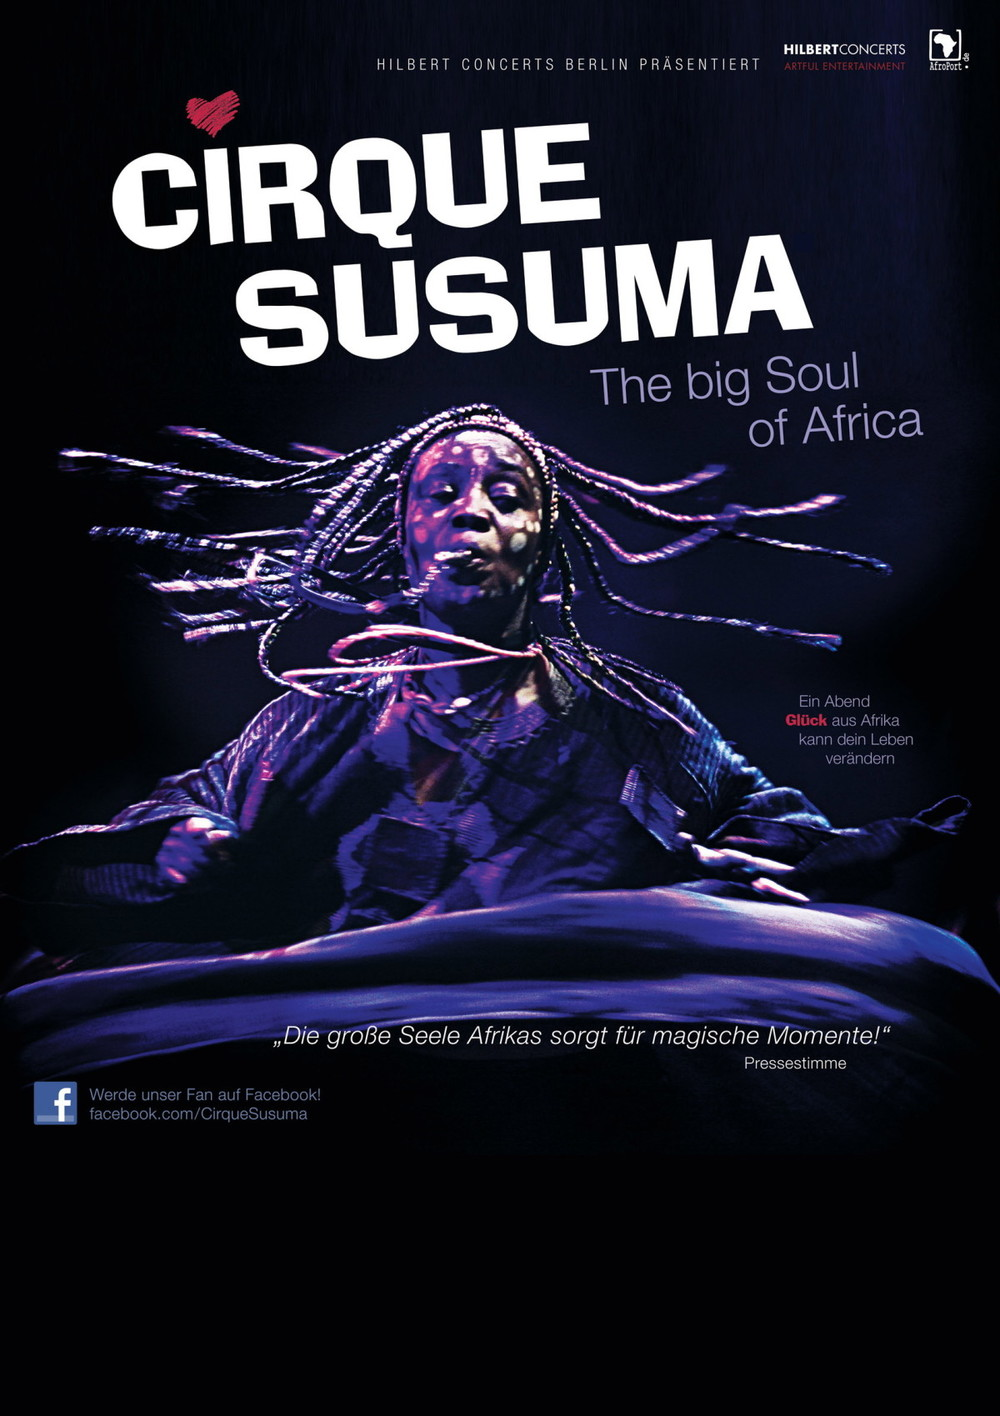 CIRQUE SUSUMA Plakat